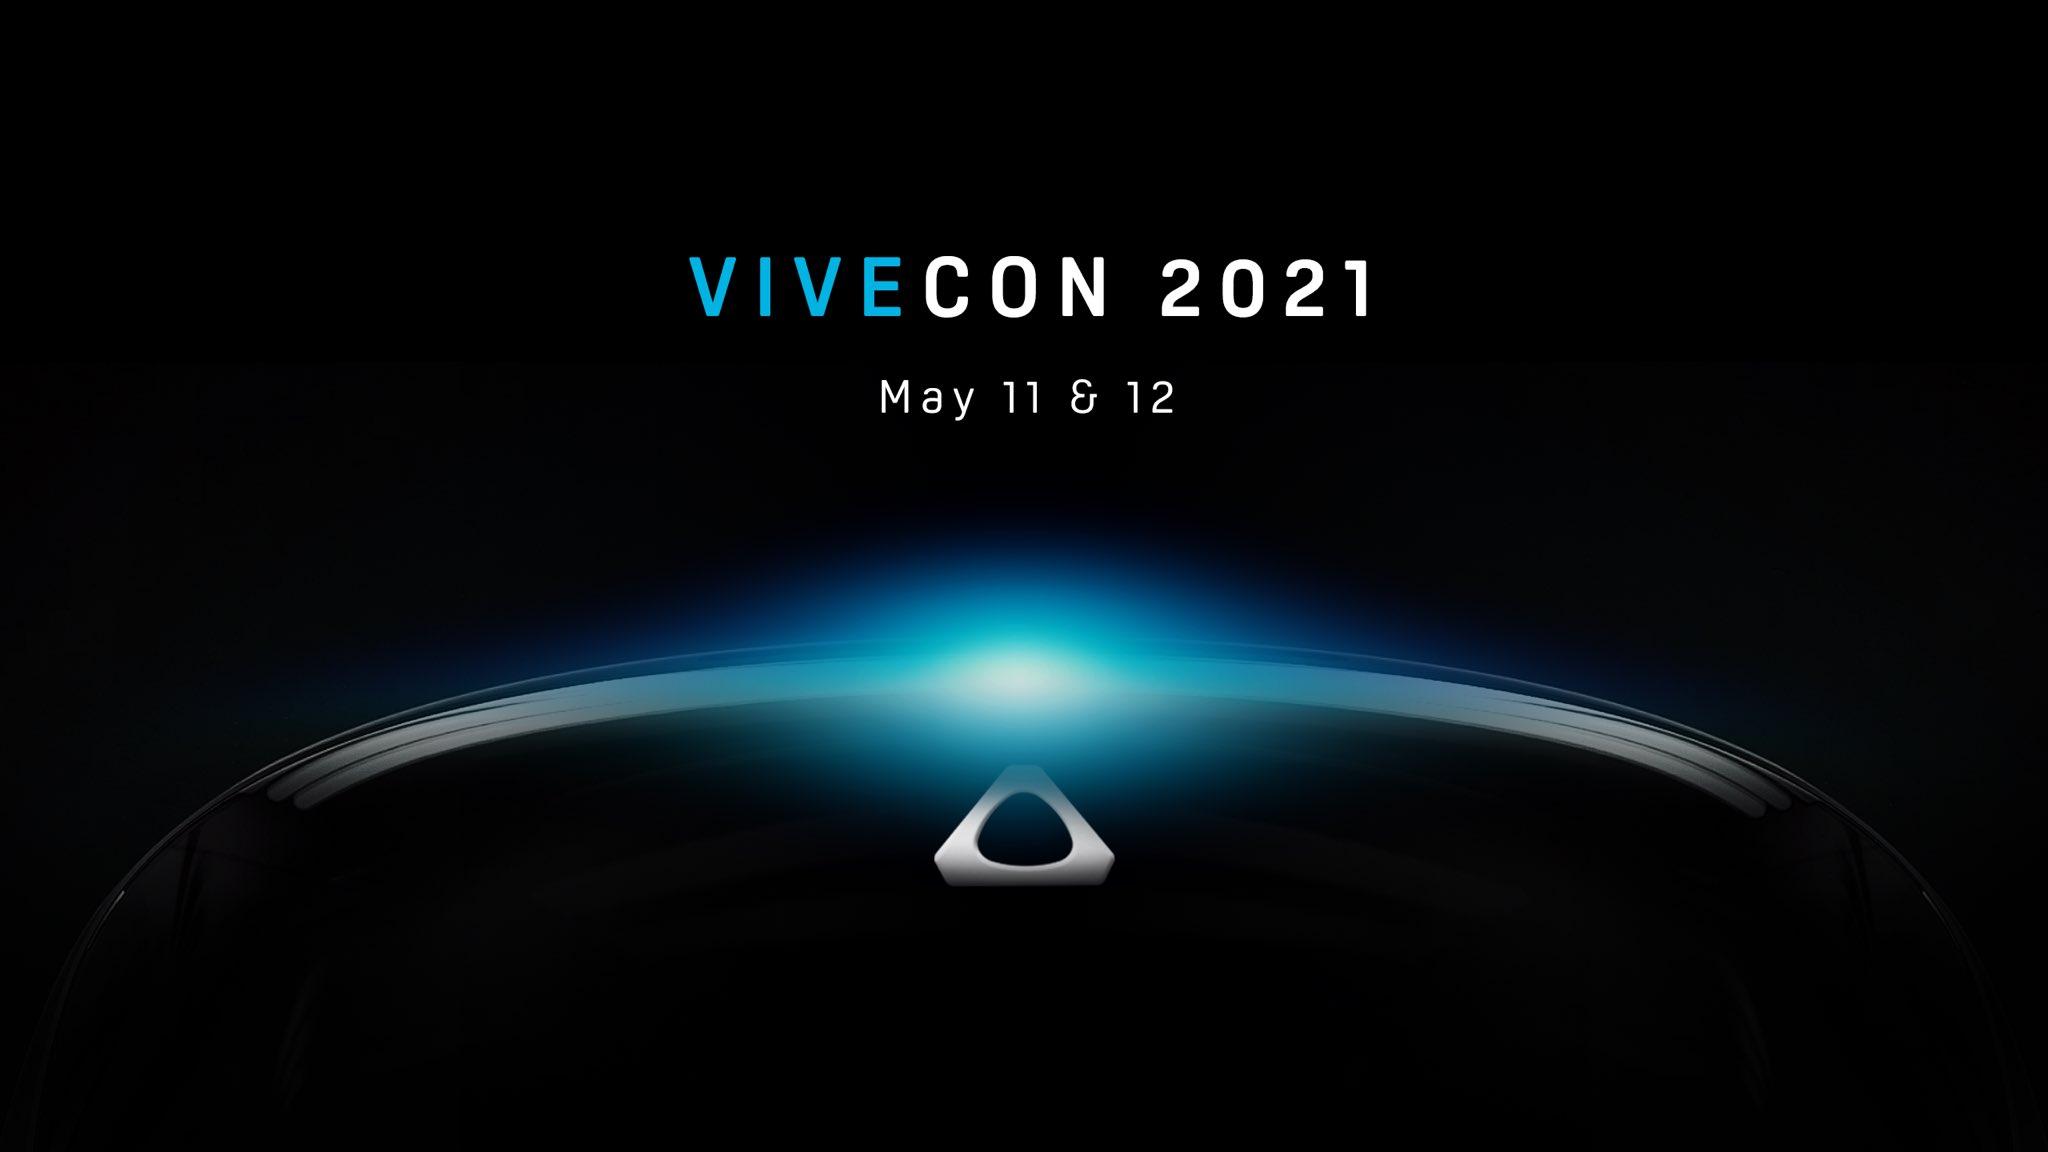 HTC VIVECON